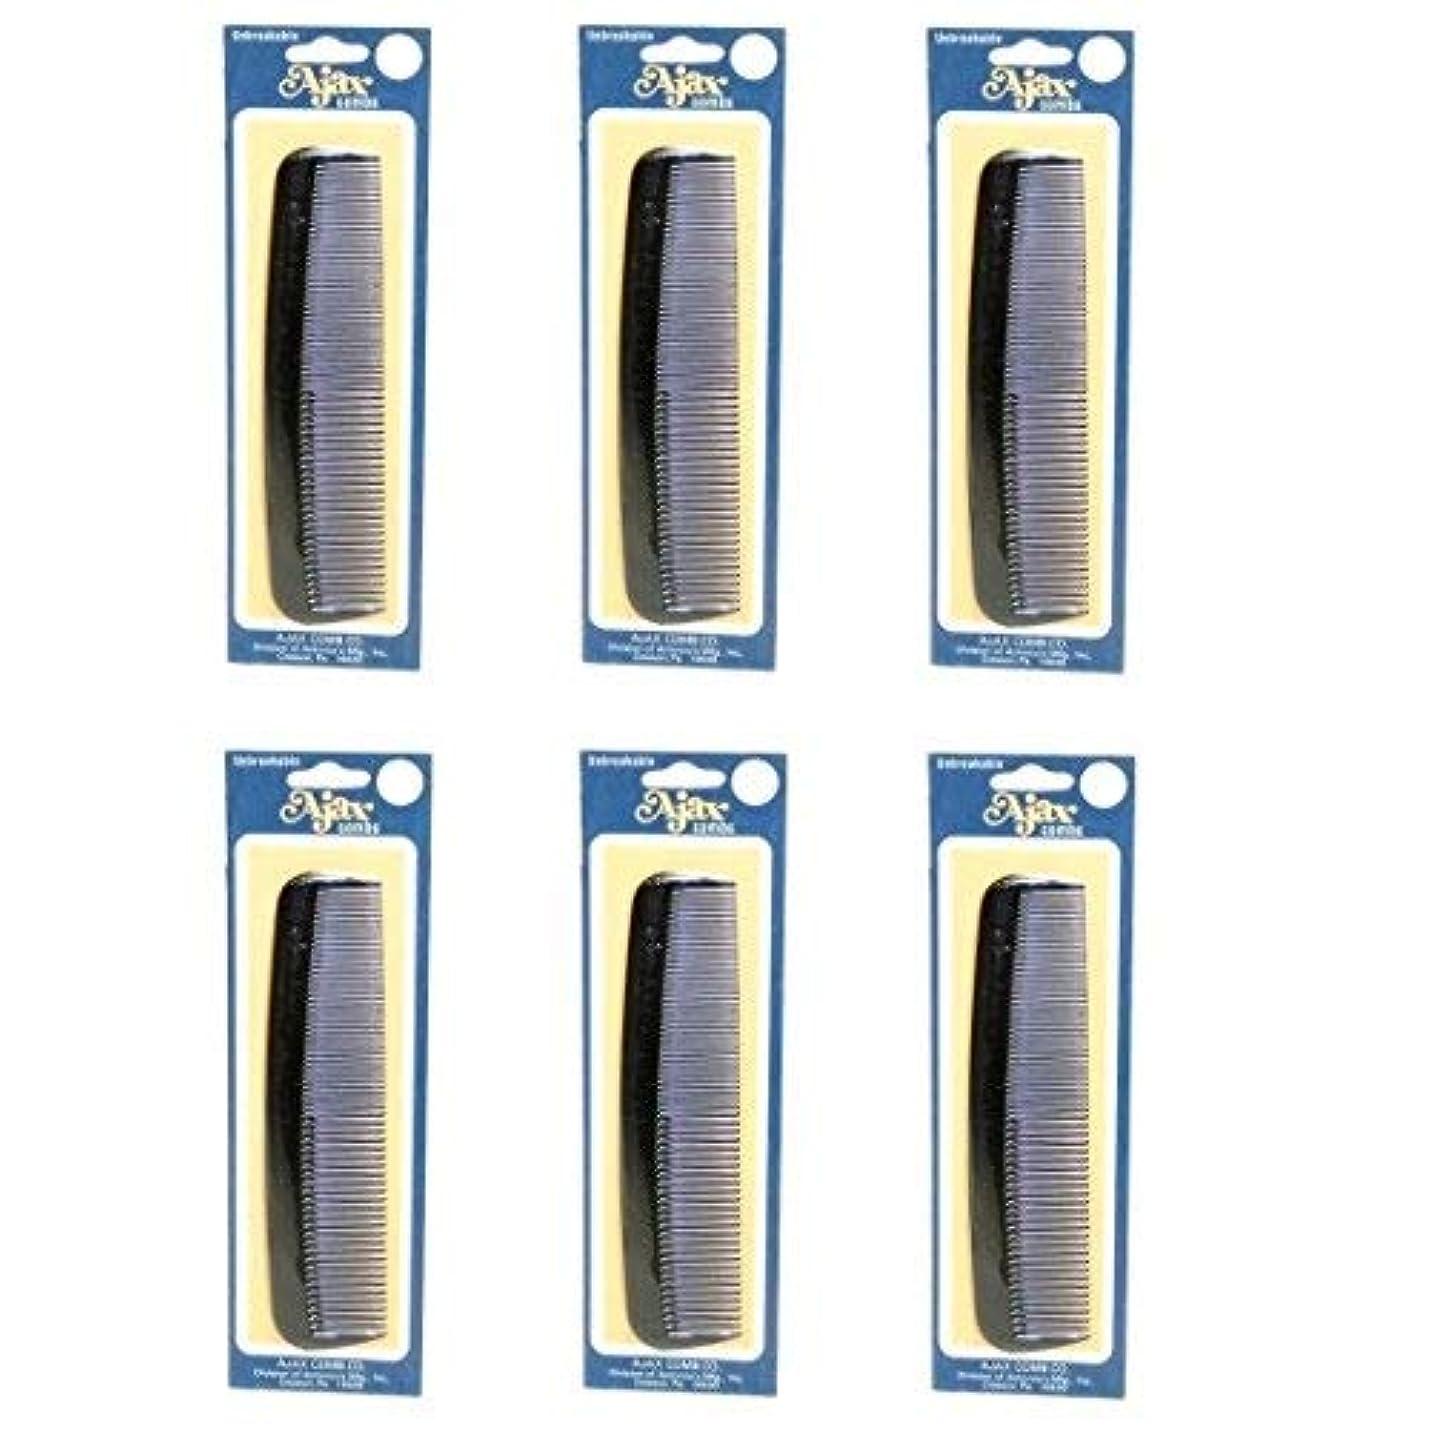 航空会社ヘリコプター退屈させるAjax Unbreakable Hair Combs Super Flexible Pocket Sized Lifetime Guarantee - Proudly Made in the USA (Pack of...